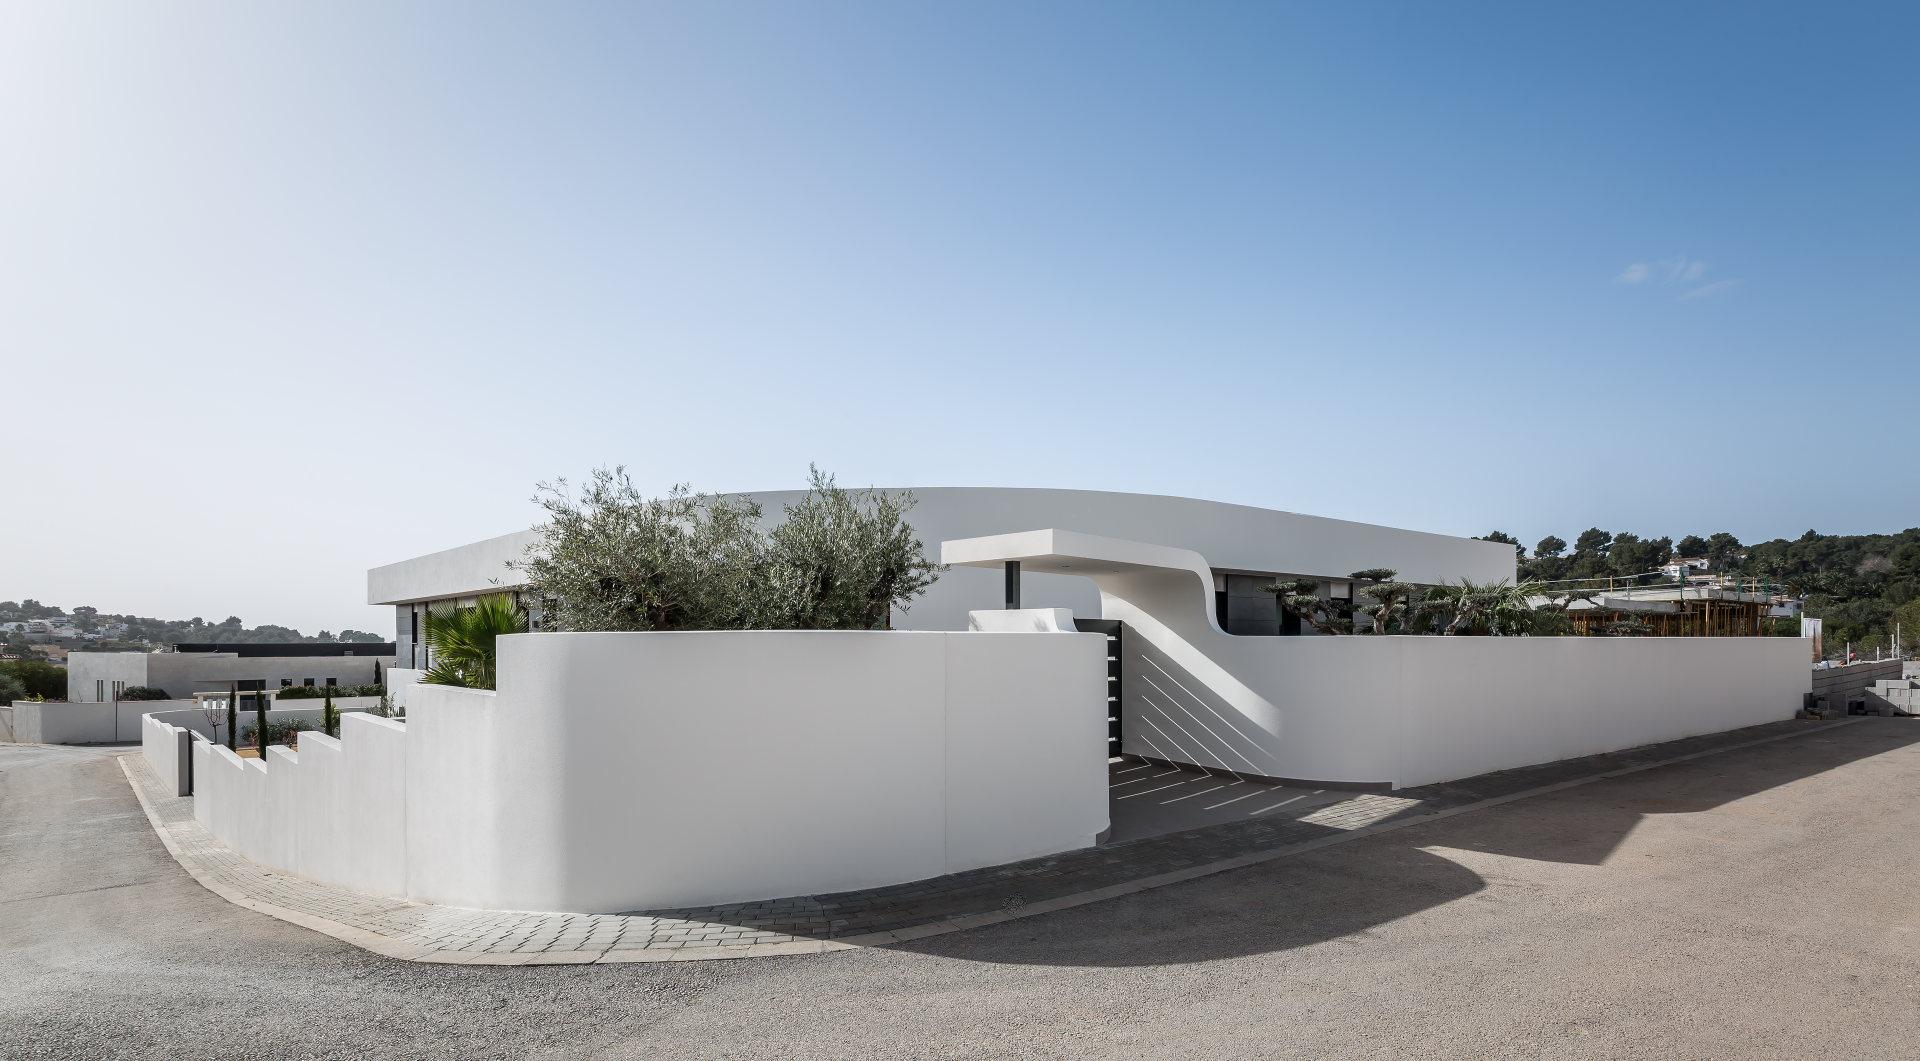 fotografia-arquitectura-valencia-alicante-moraira-german-cabo-pascual-giner (1)